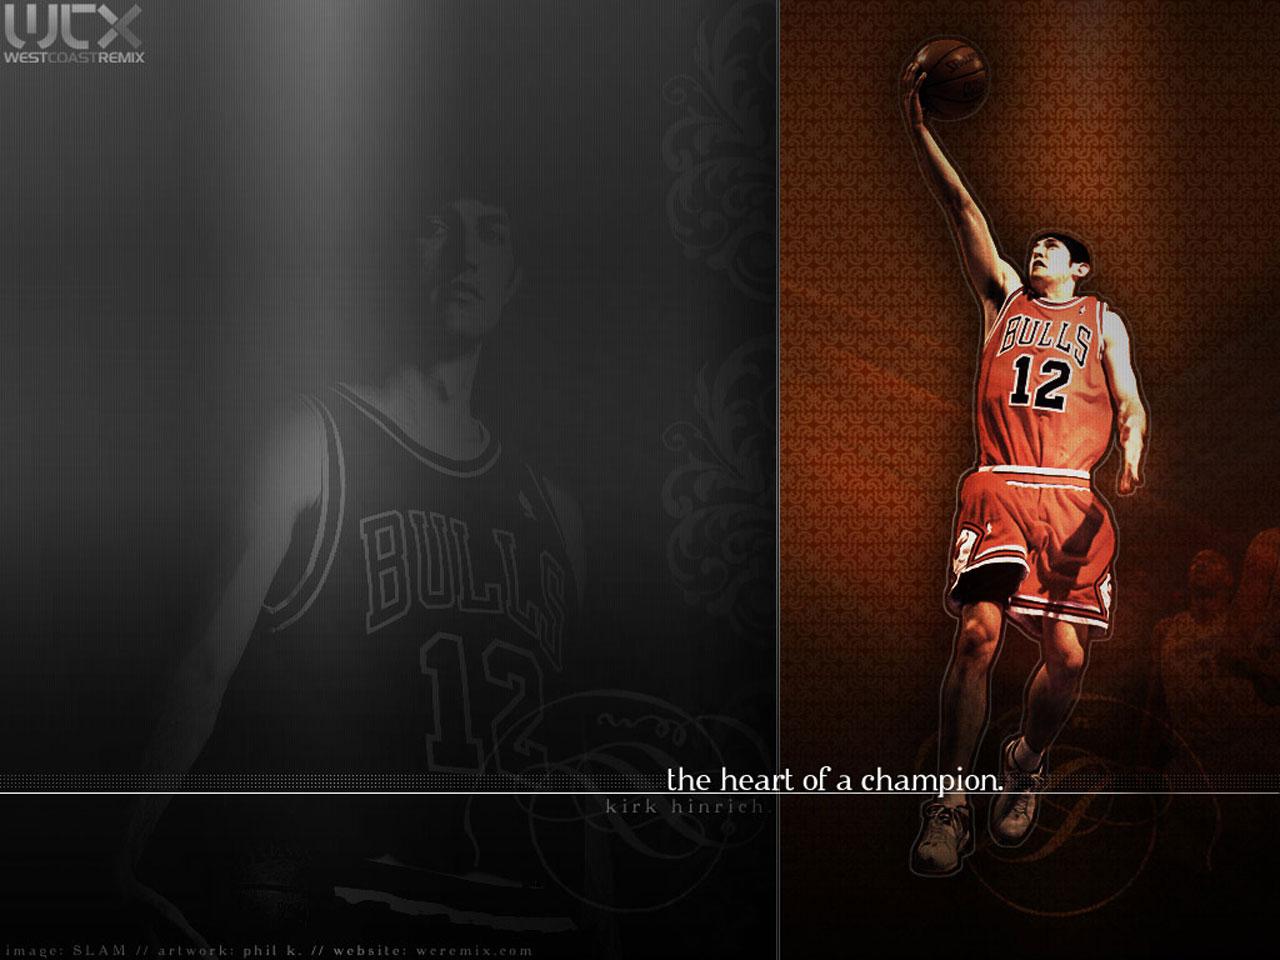 Kirk Hinrich Bulls Layup Wallpaper Basketball Wallpapers at 1280x960